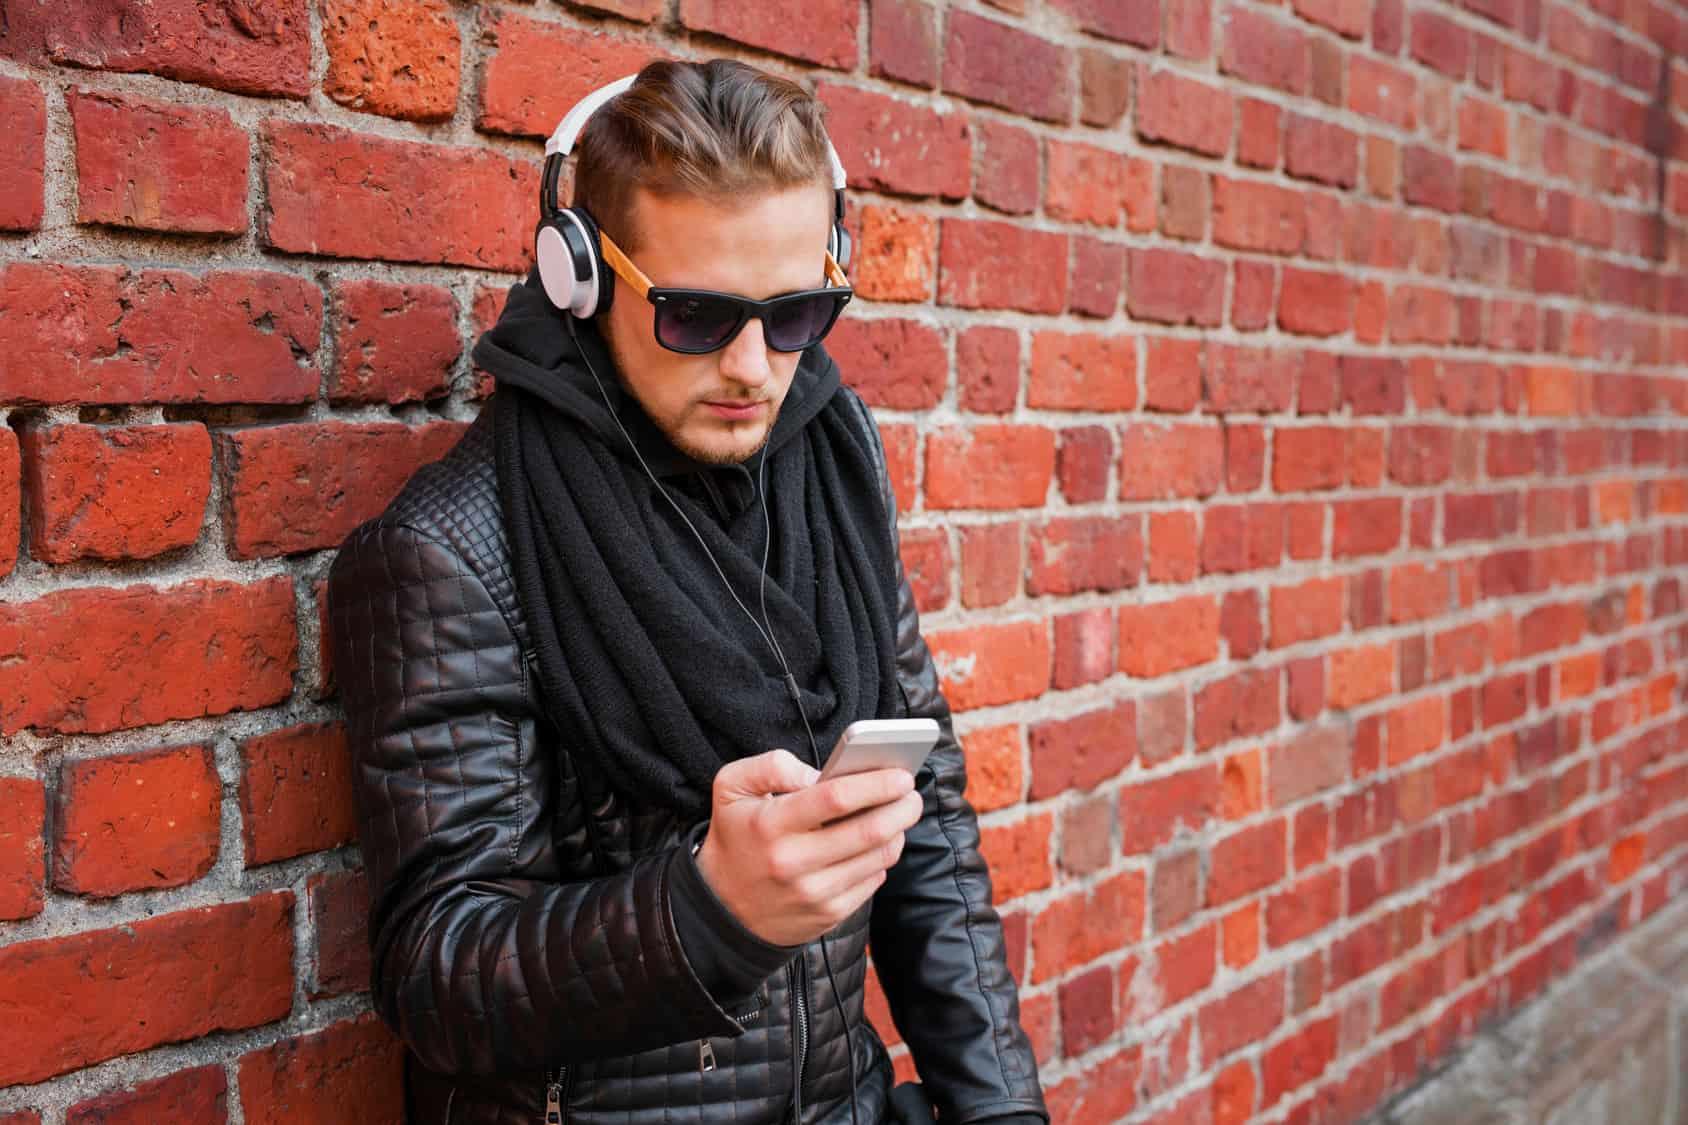 El servicio de música en streaming Spotify fue demandado la semana pasada por Wixen Music Publishing Inc, por usar supuestamente miles de canciones